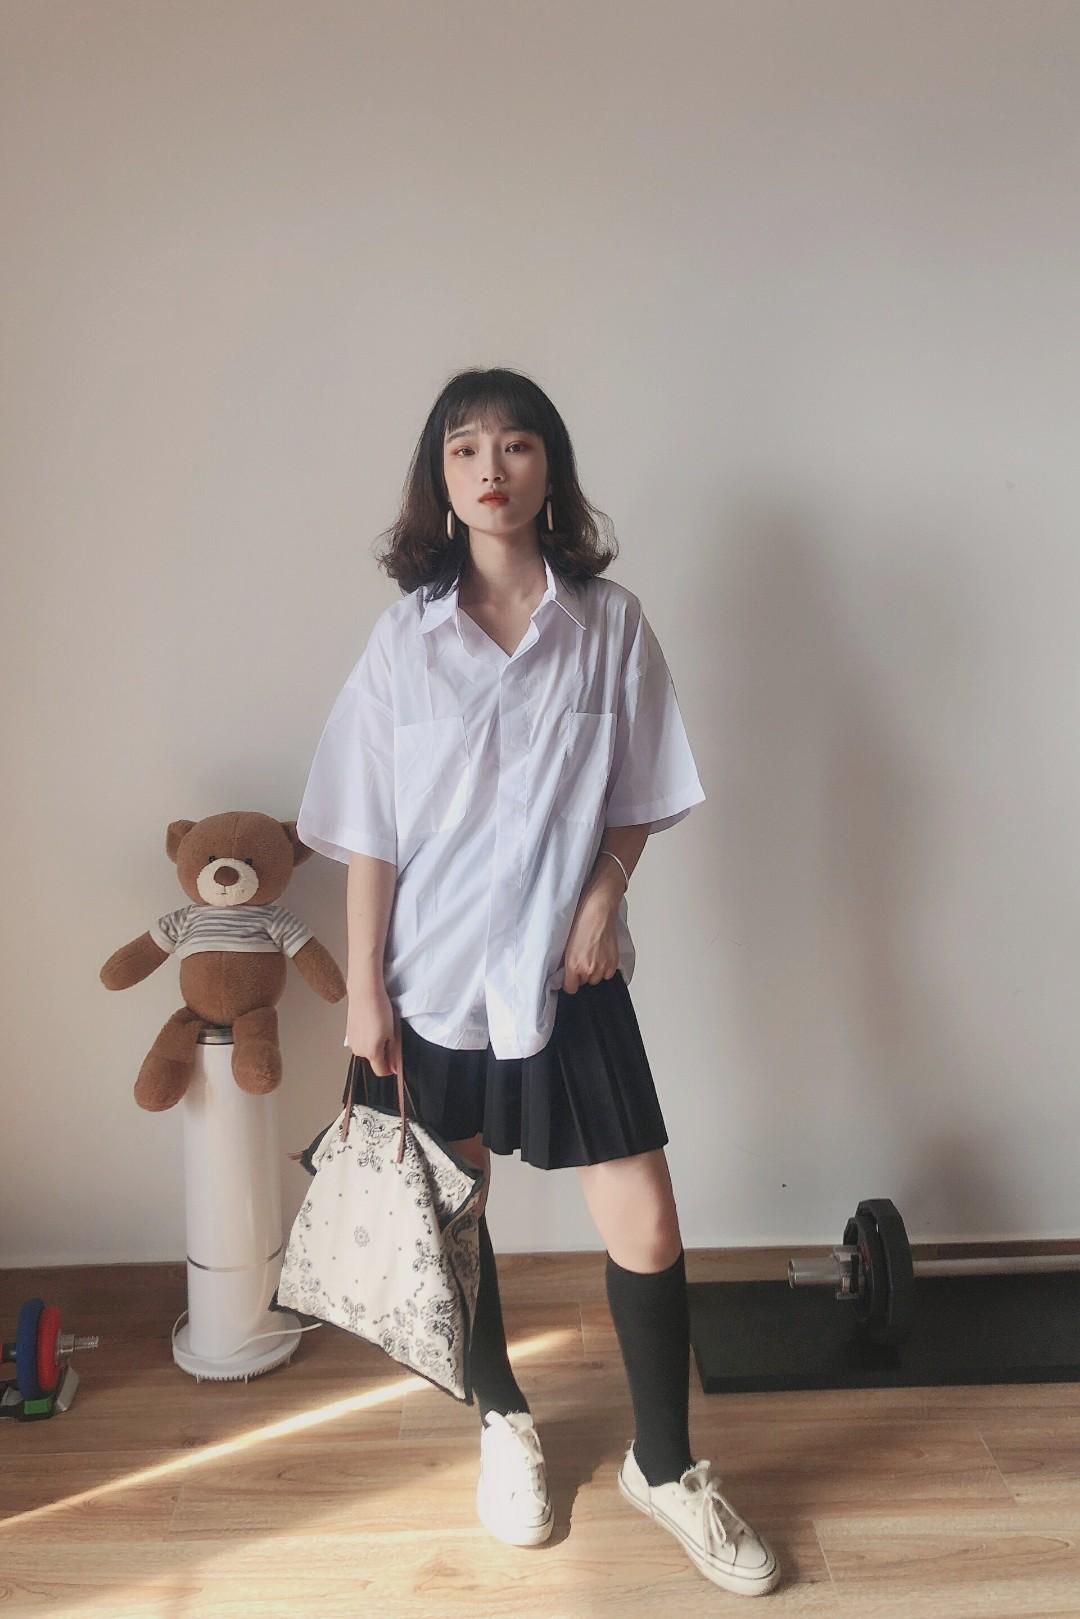 #小黑妹显白自救攻略#  日系学院风一件衬衣 很有港风设计 可盐可甜的一套搭配 配上最近流行的中长袜 敲稀饭